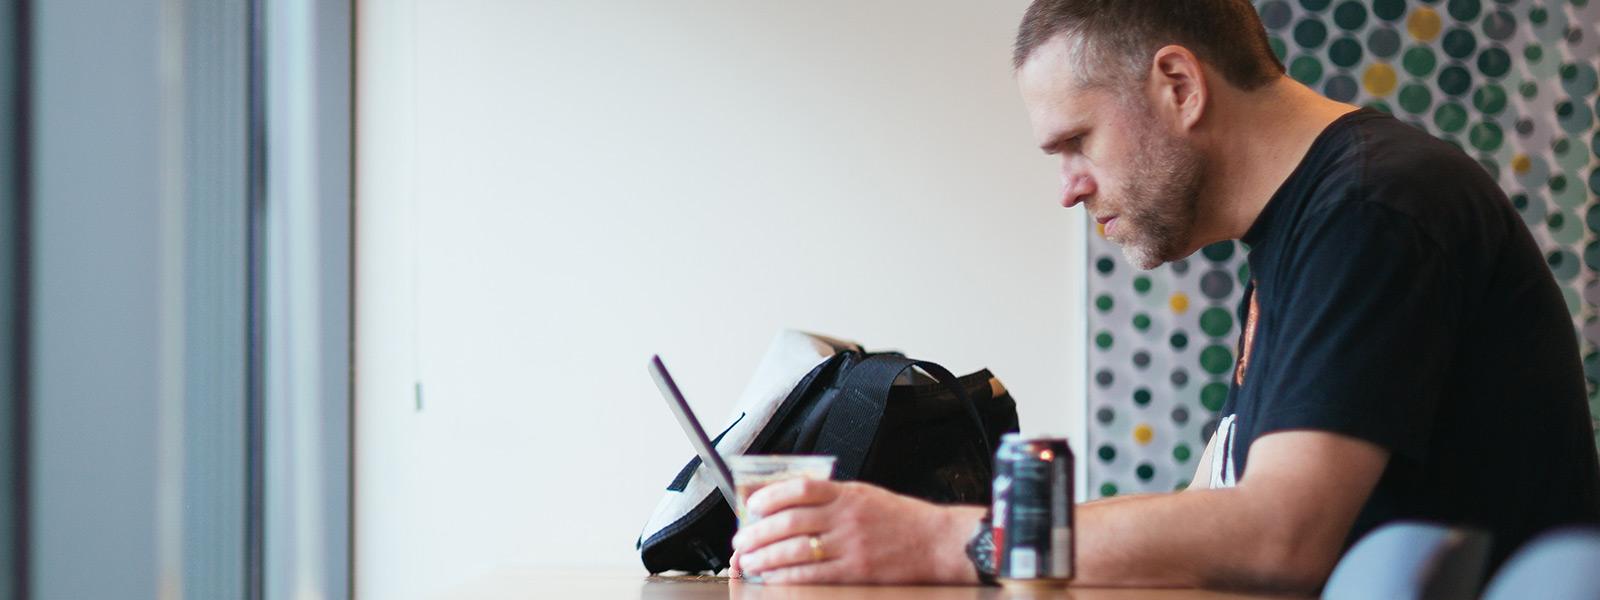 Muž sediaci pri stole a pracujúci na svojom počítači so systémom Windows10